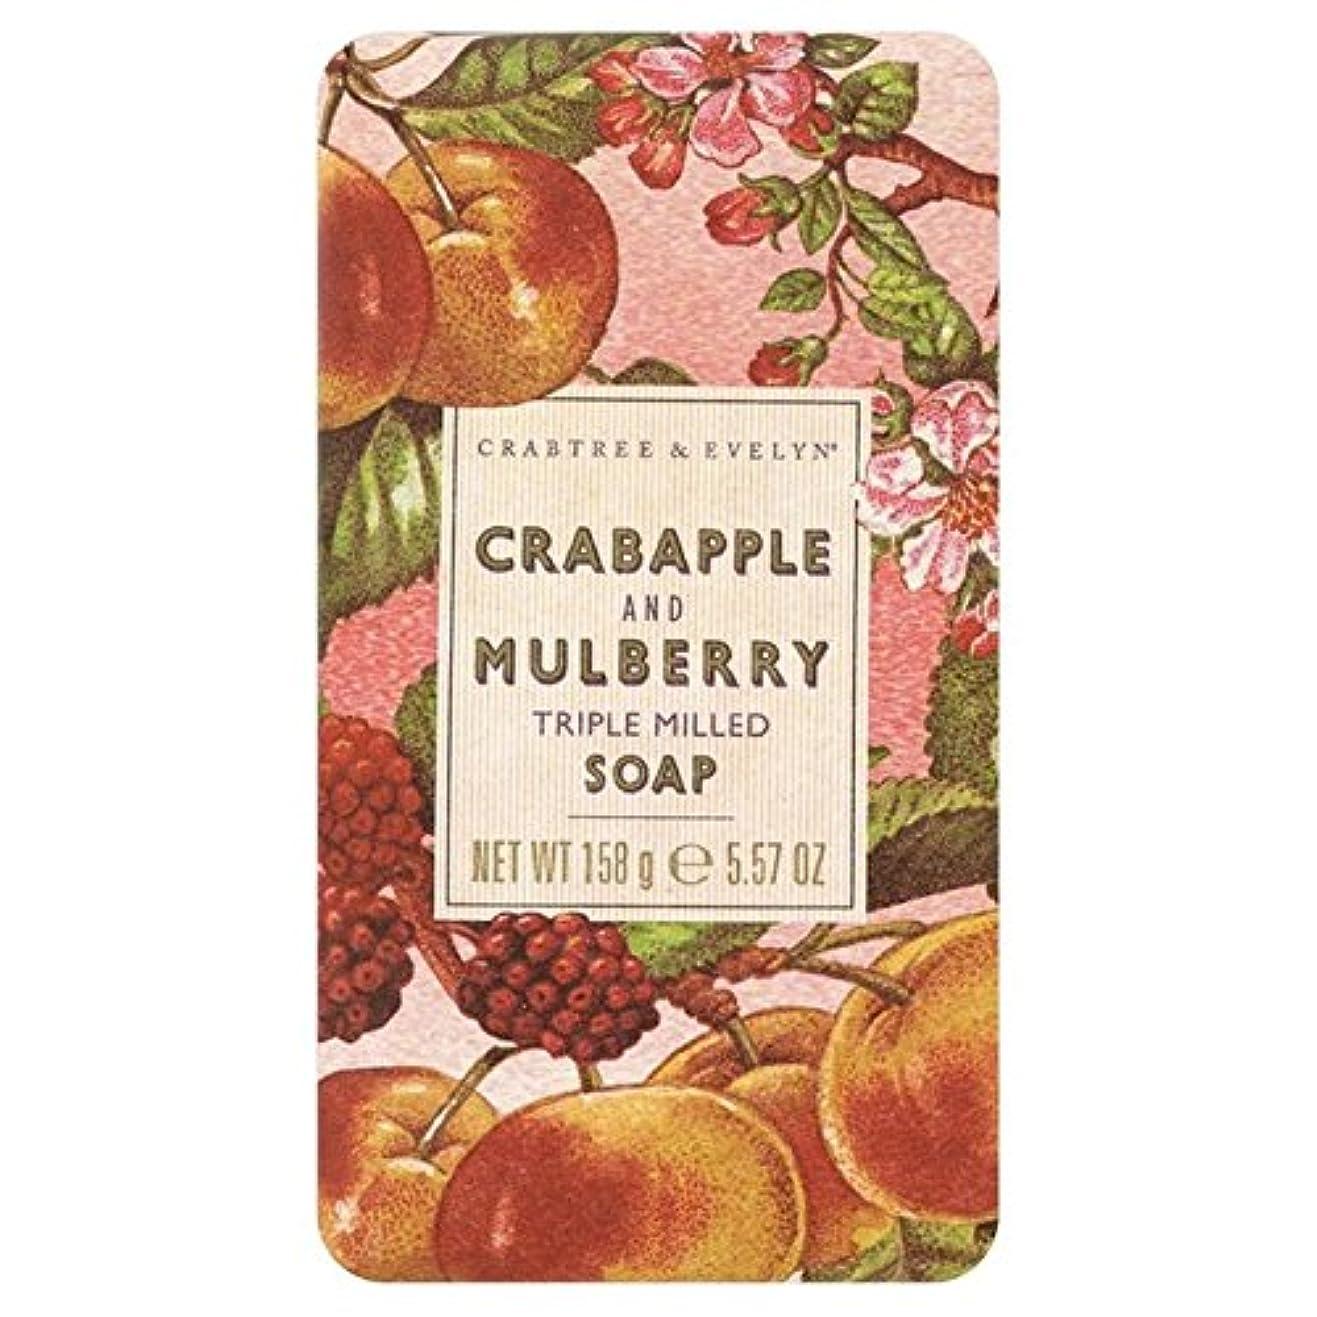 制裁第三囲まれたクラブツリー&イヴリンと桑遺産石鹸150グラム x2 - Crabtree & Evelyn Crabapple and Mulberry Heritage Soap 150g (Pack of 2) [並行輸入品]